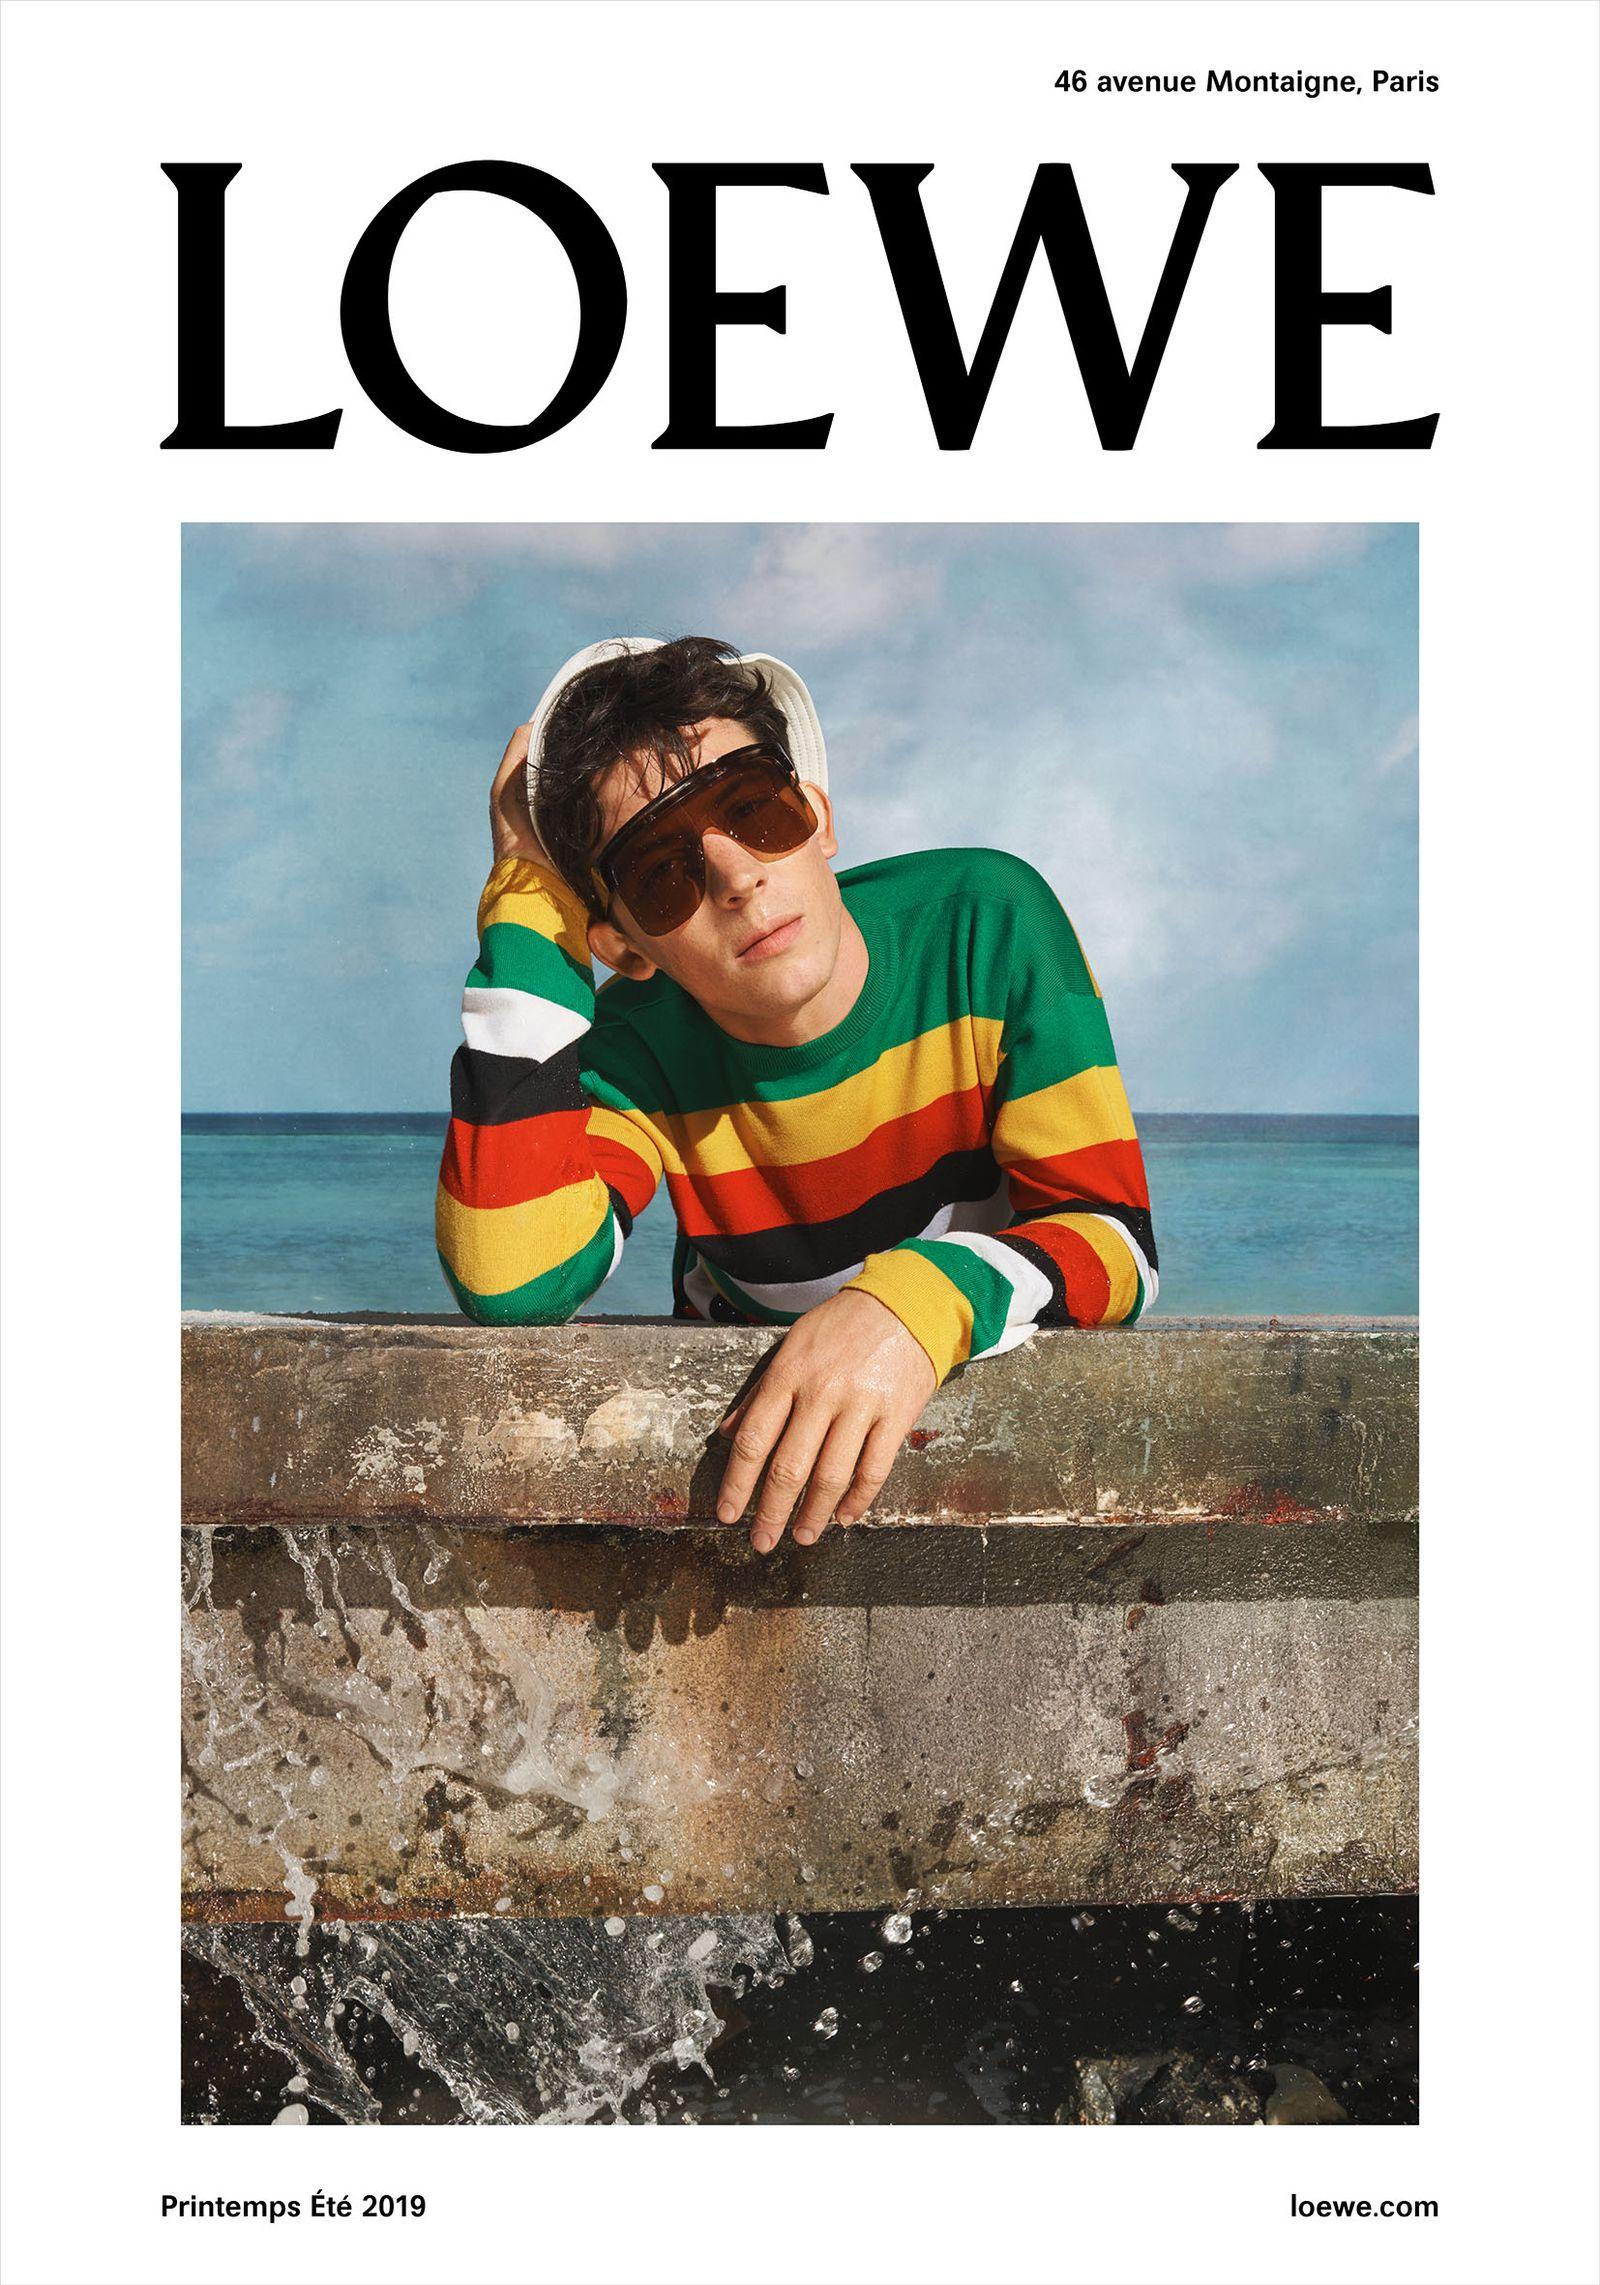 LOE 19 1 M POSTER trazado Loewe jw anderson menswear